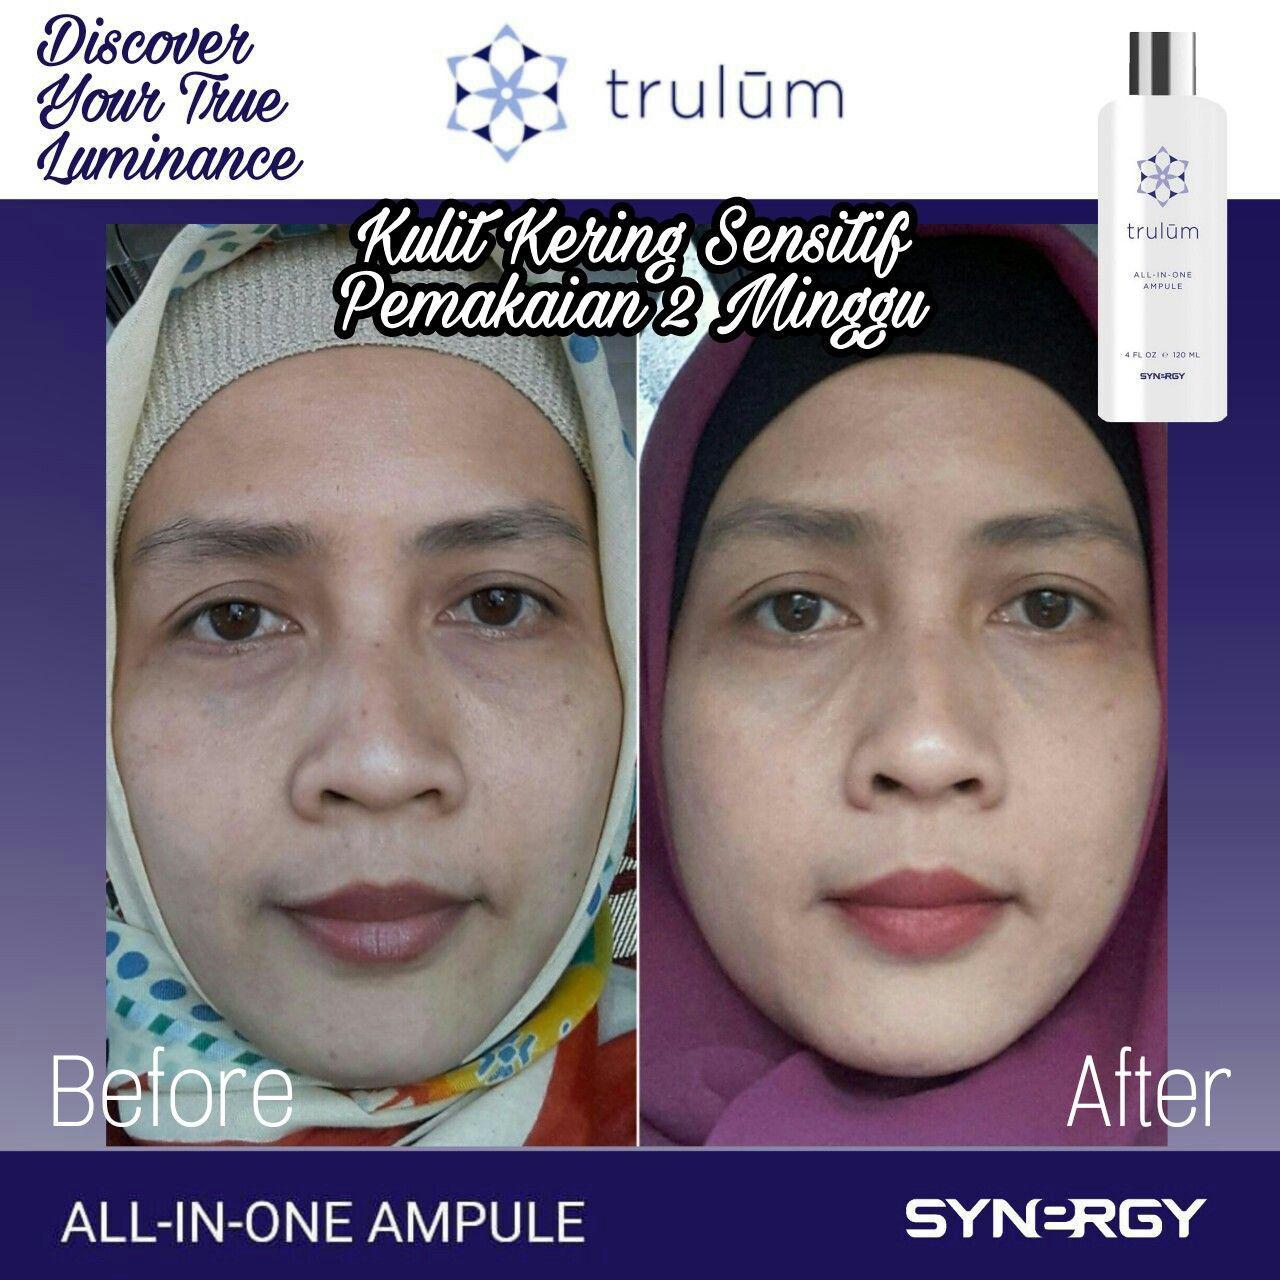 Tempat FacialArtis di Asahan, Sumatera Utara WA: 08112338376